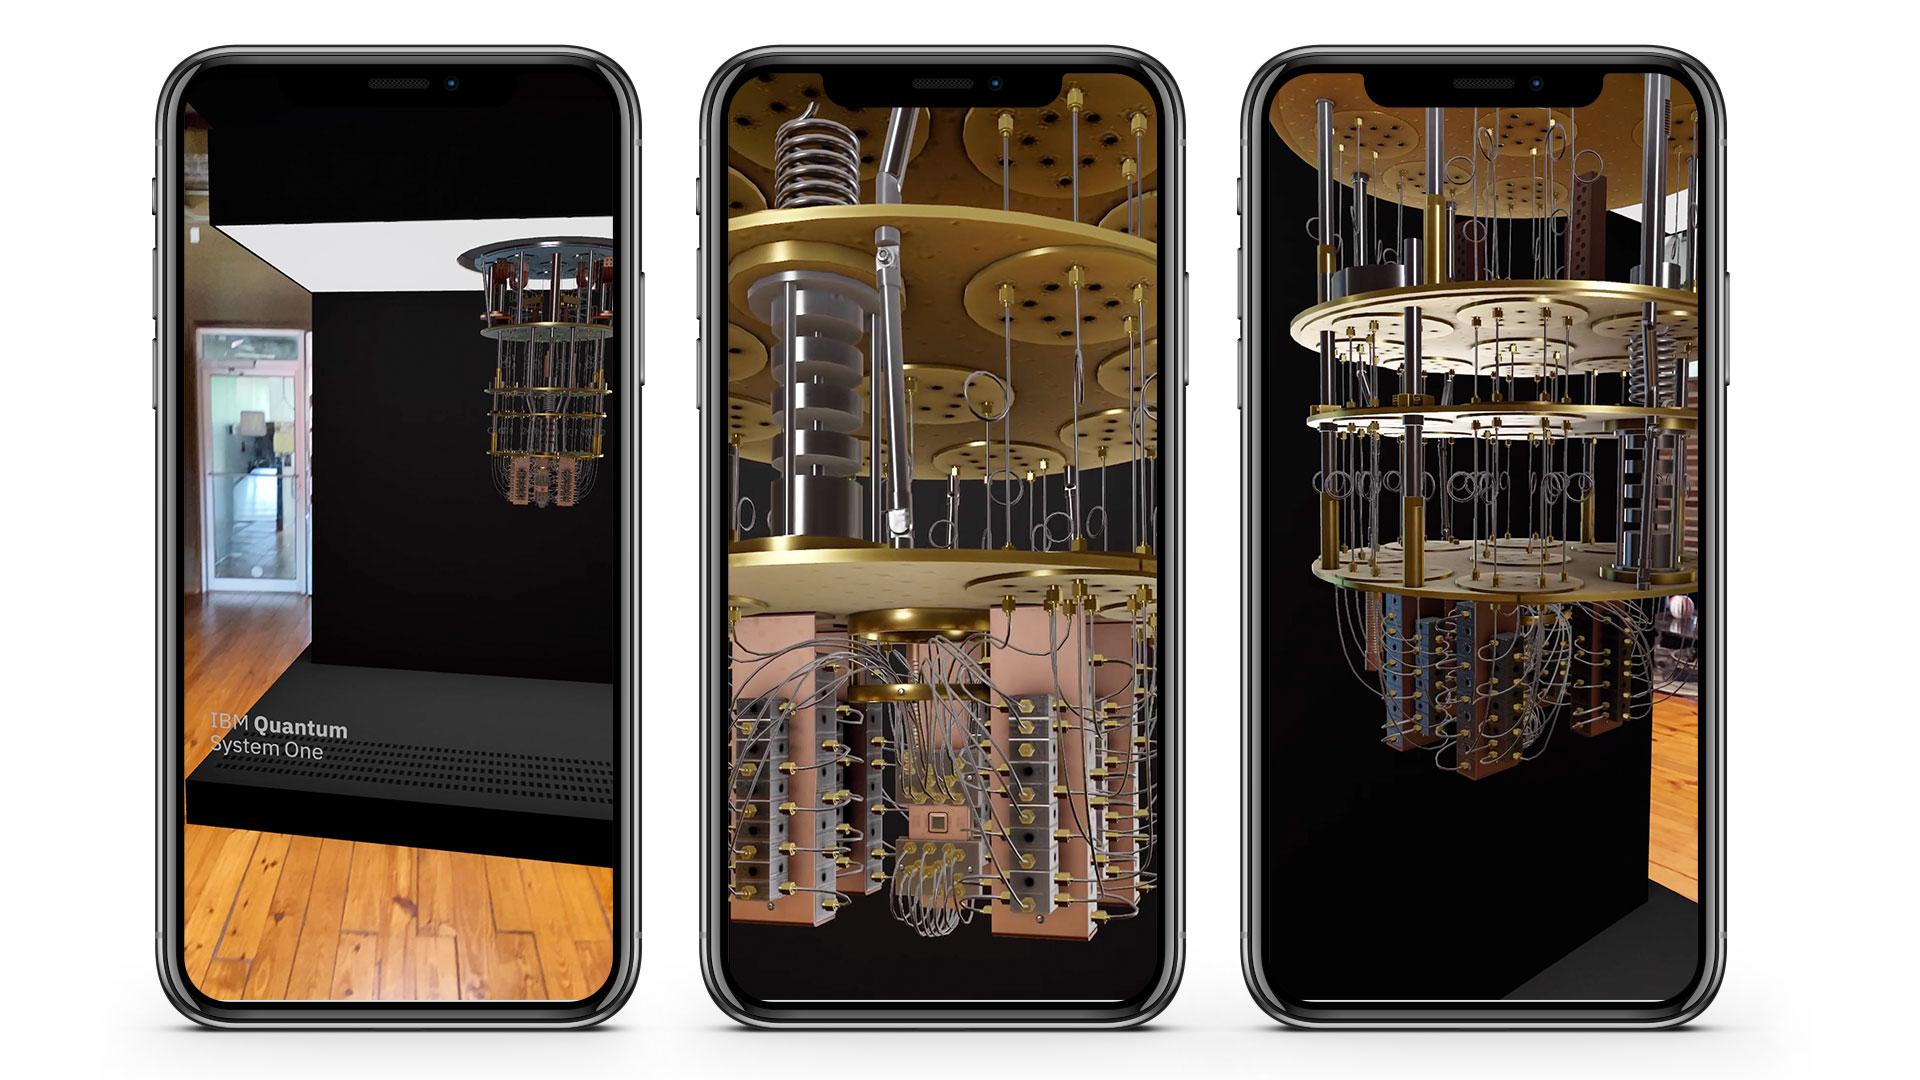 IBM Q Mobile